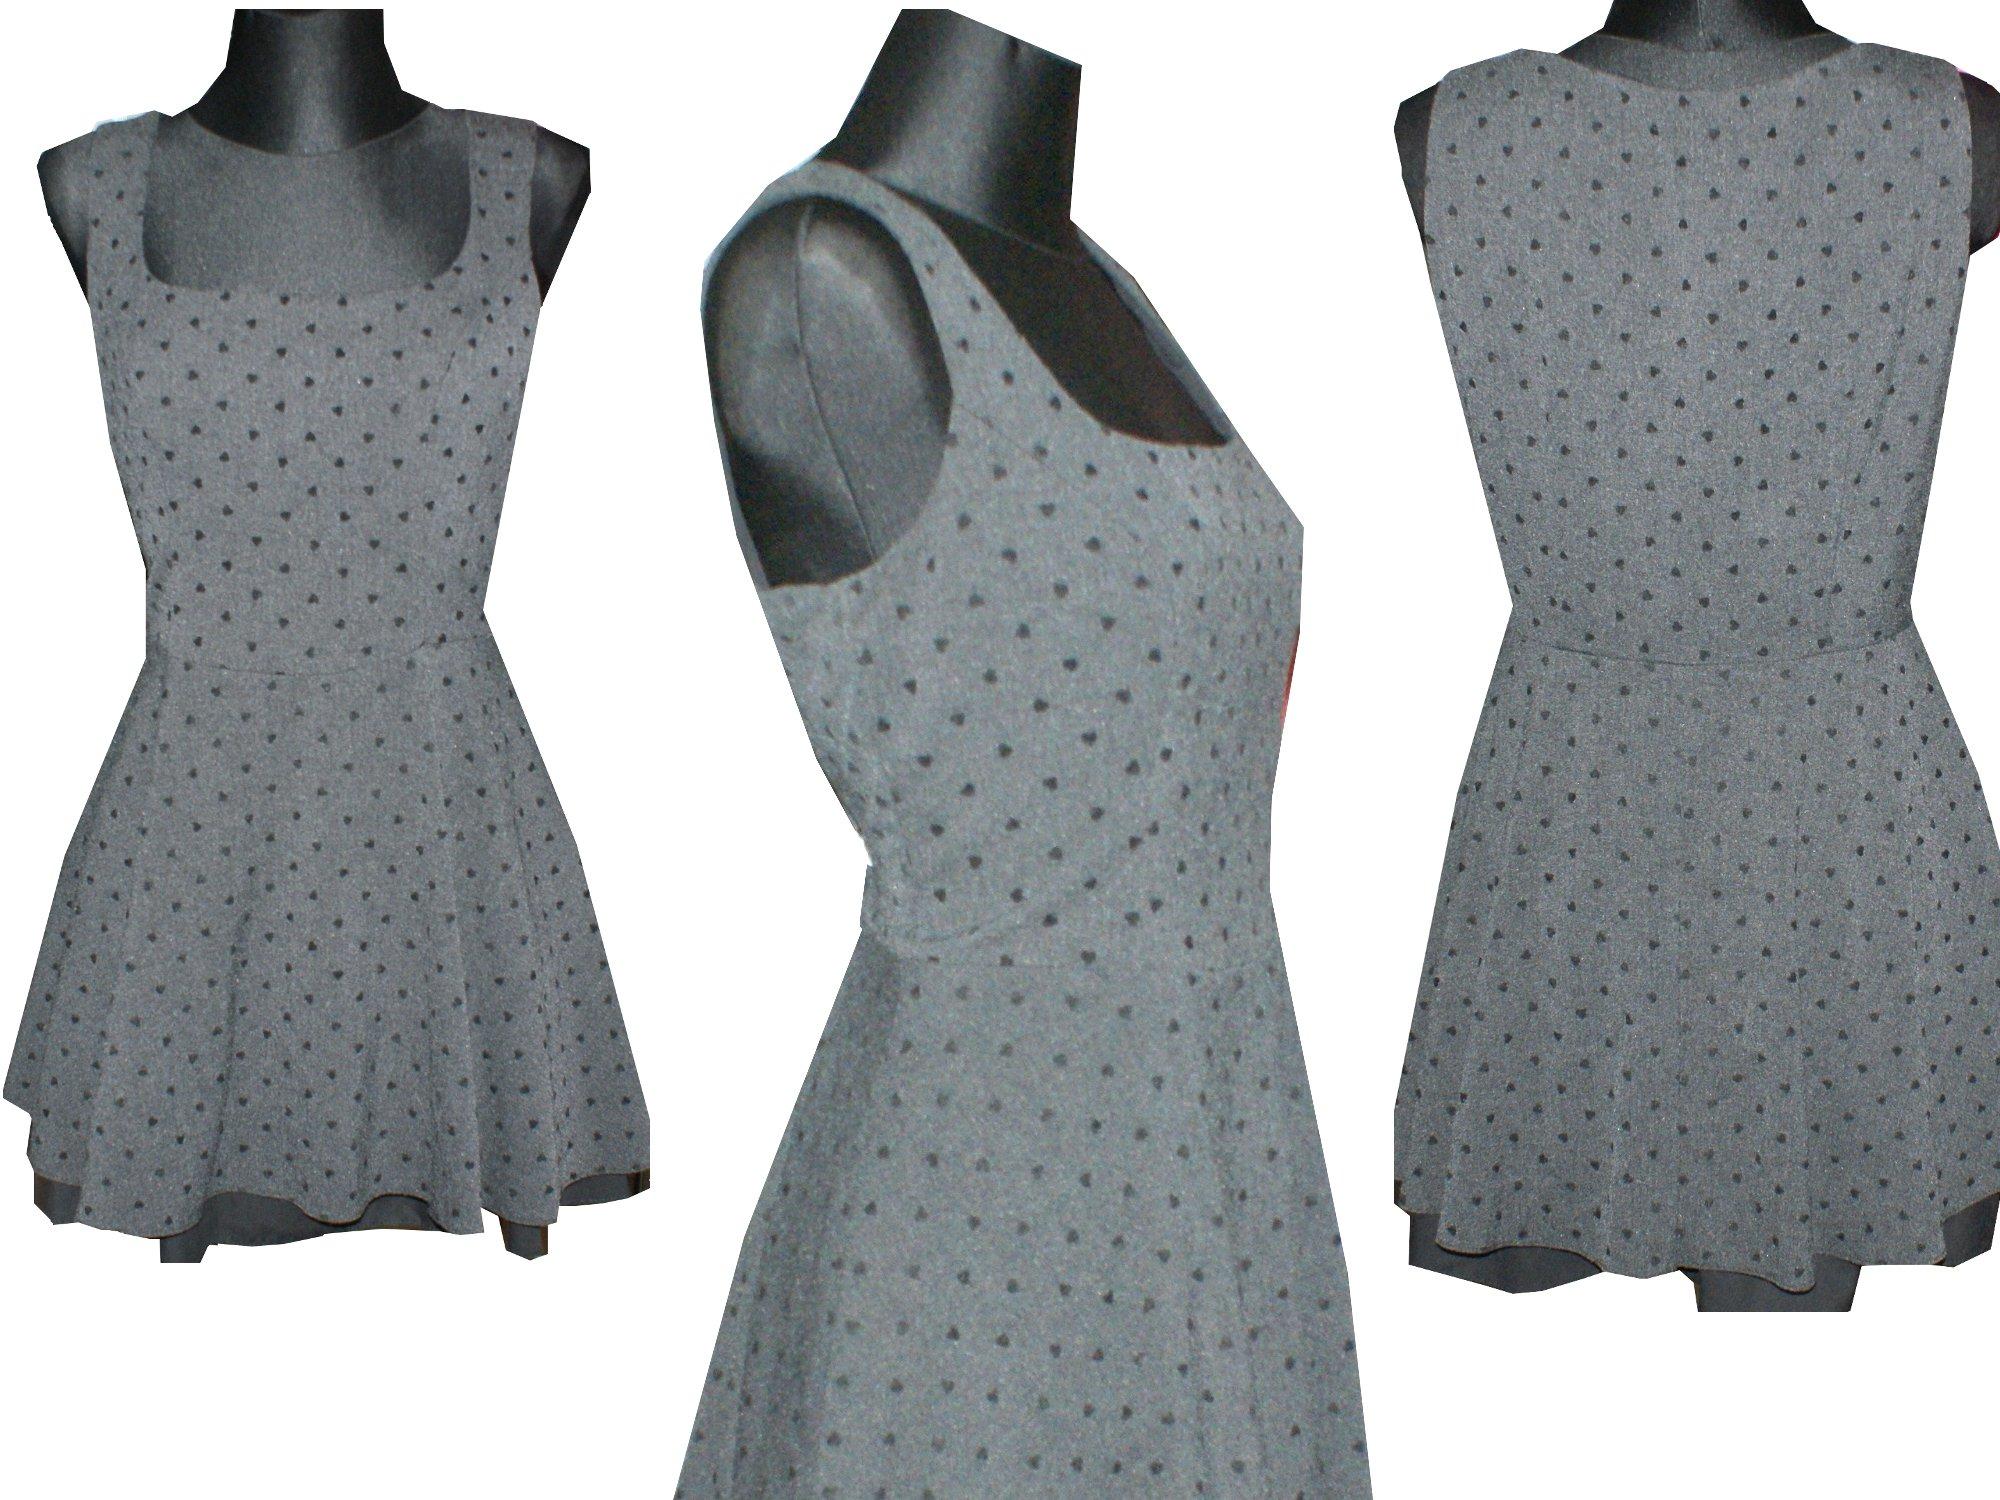 5192bff45c sukienka w serduszka   12 40 - 7090702665 - oficjalne archiwum ...